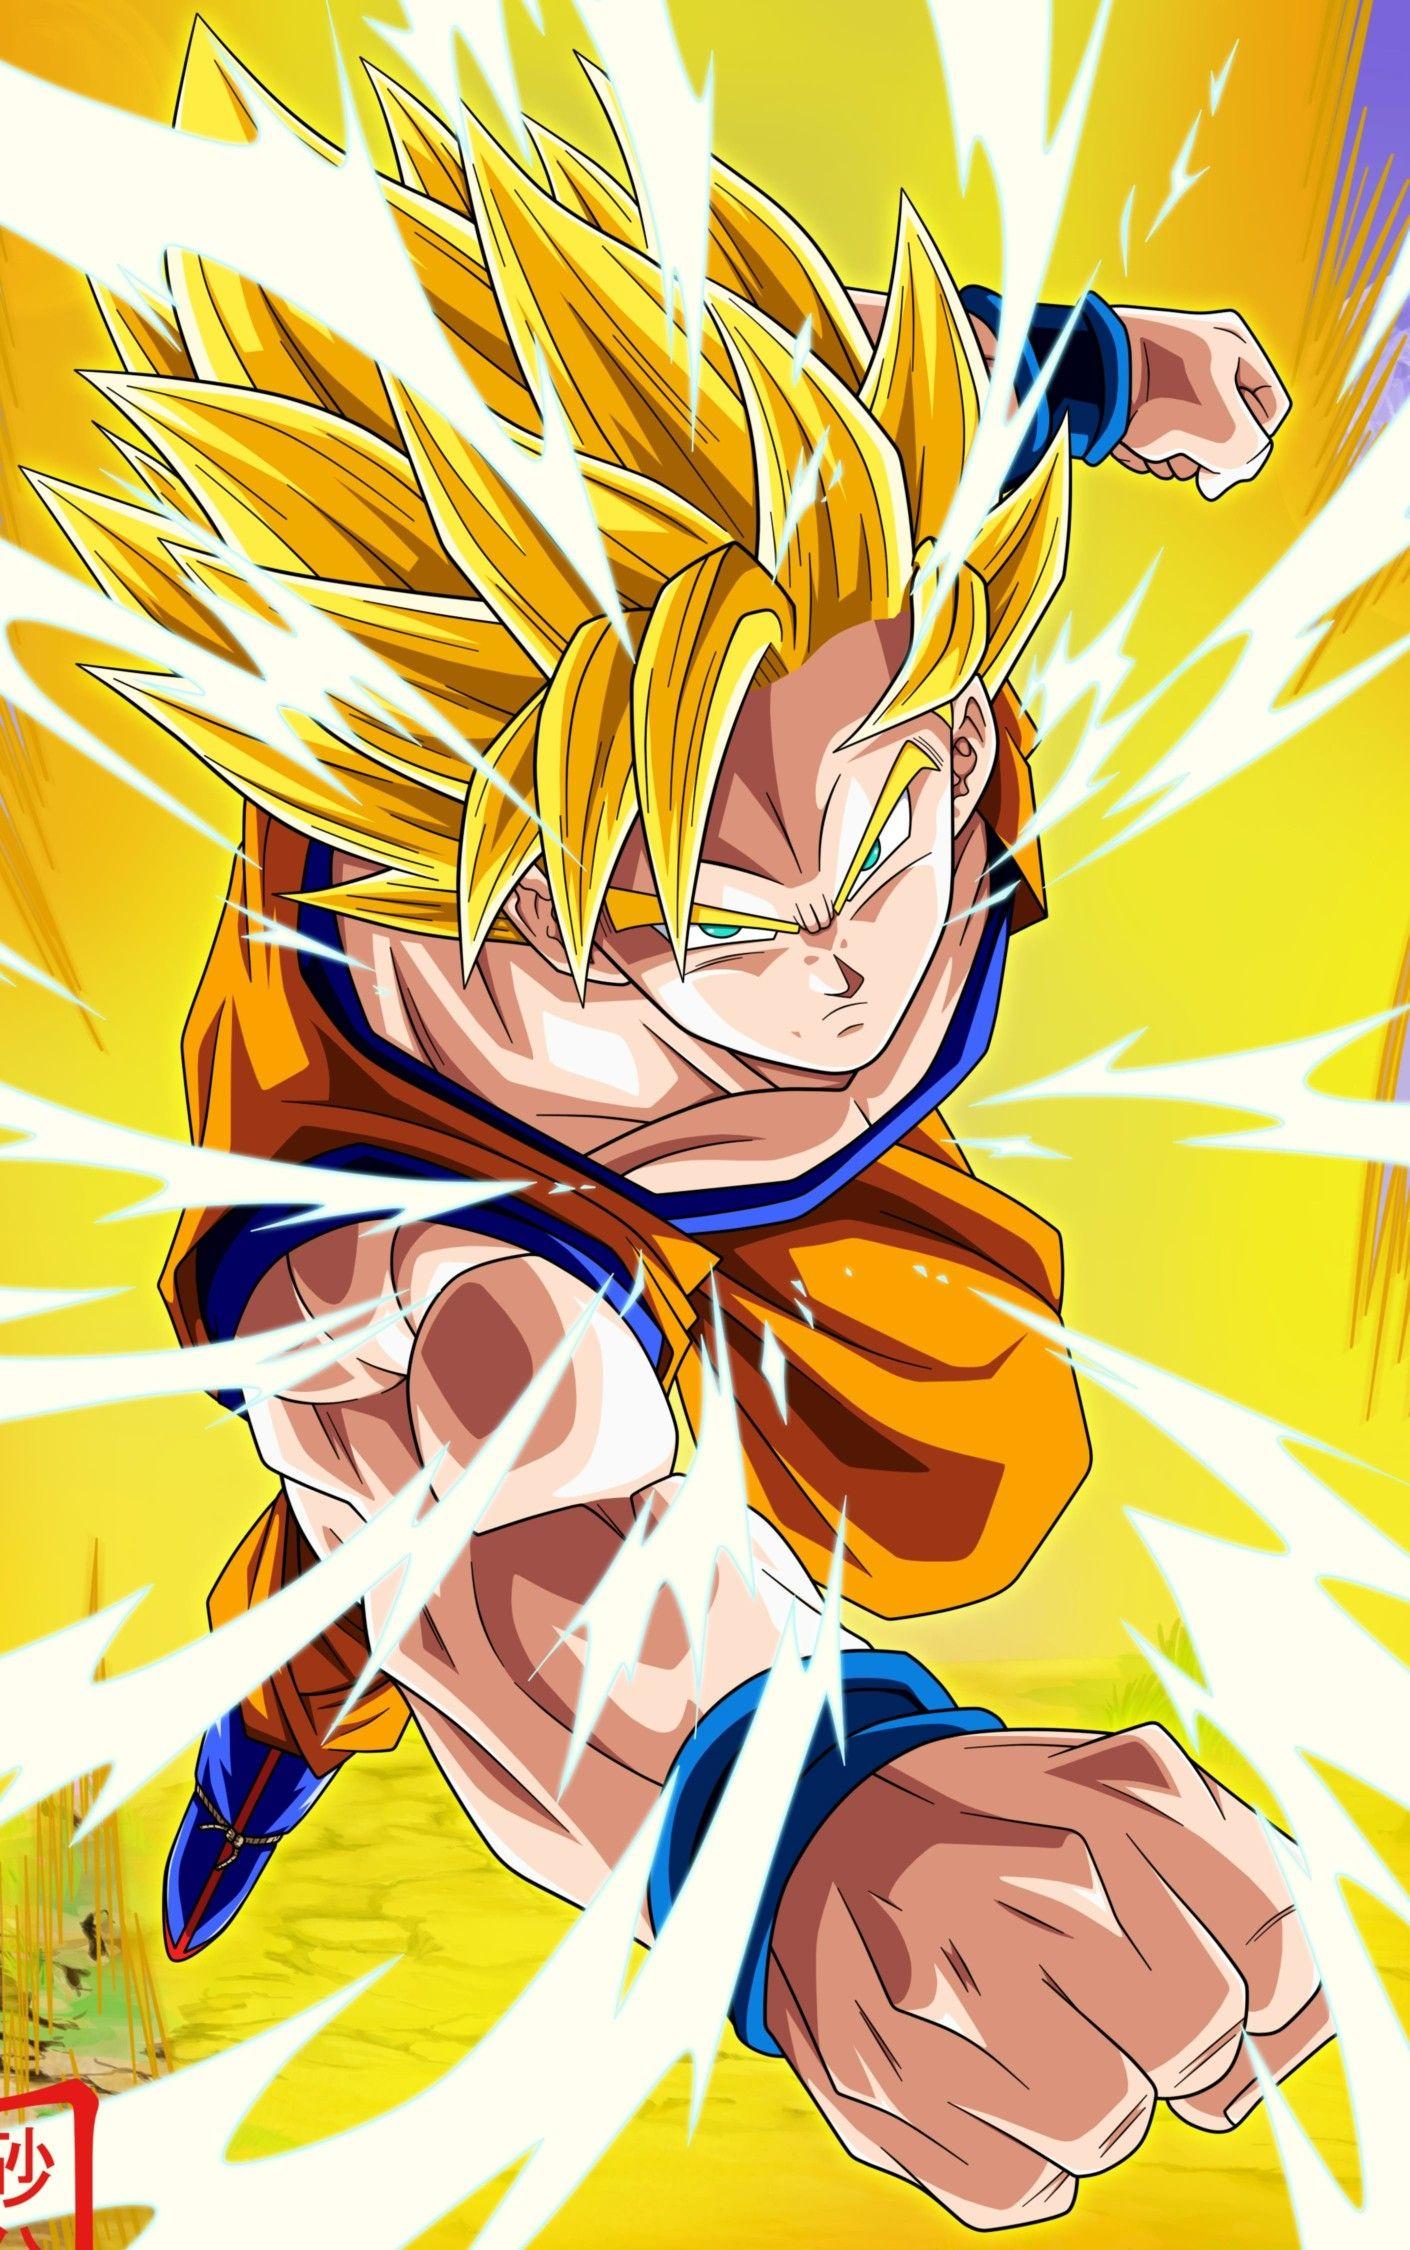 Goku Ssj2 Anime Dragon Ball Super Anime Dragon Ball Dragon Ball Super Goku Son goku dragon ball super saiyan